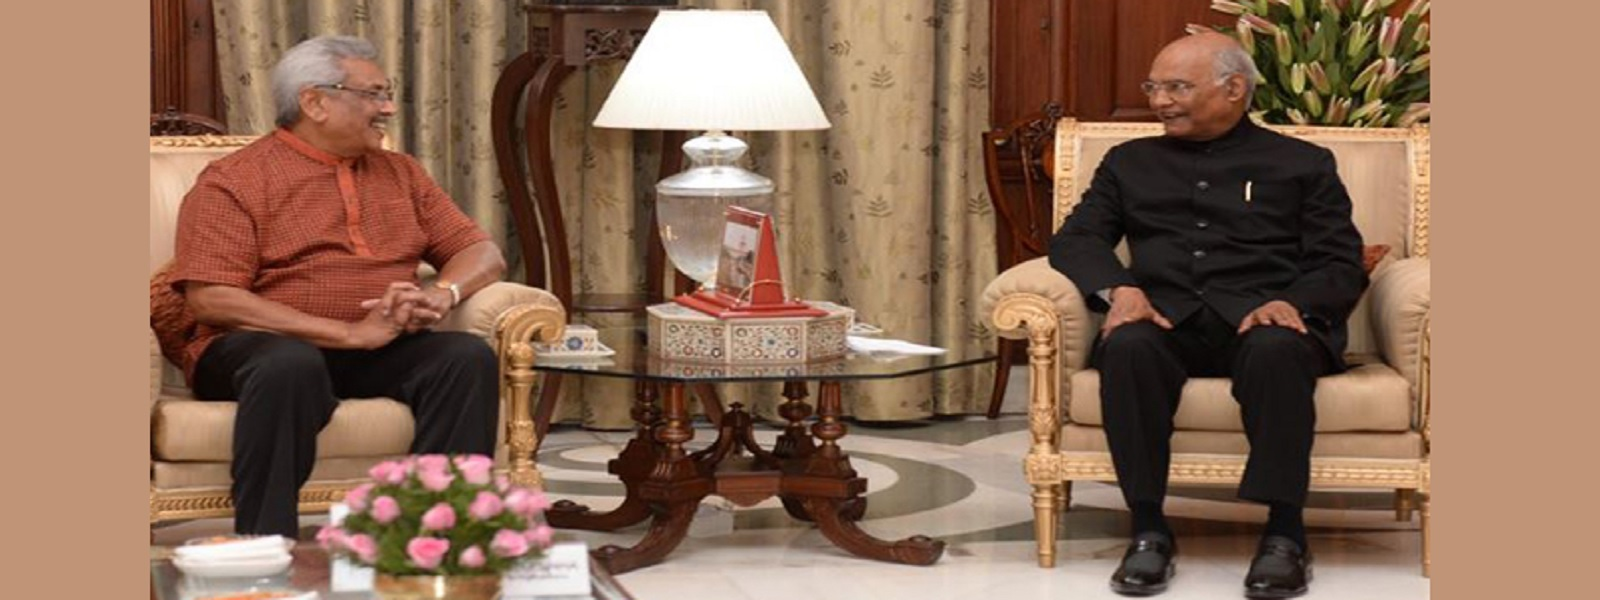 ஜனாதிபதி கோட்டாபயவின் விஜயம் எதிர்கால பயணத்தை வலுப்படுத்தியுள்ளதாக இந்திய குடியரசுத் தலைவர் தெரிவிப்பு